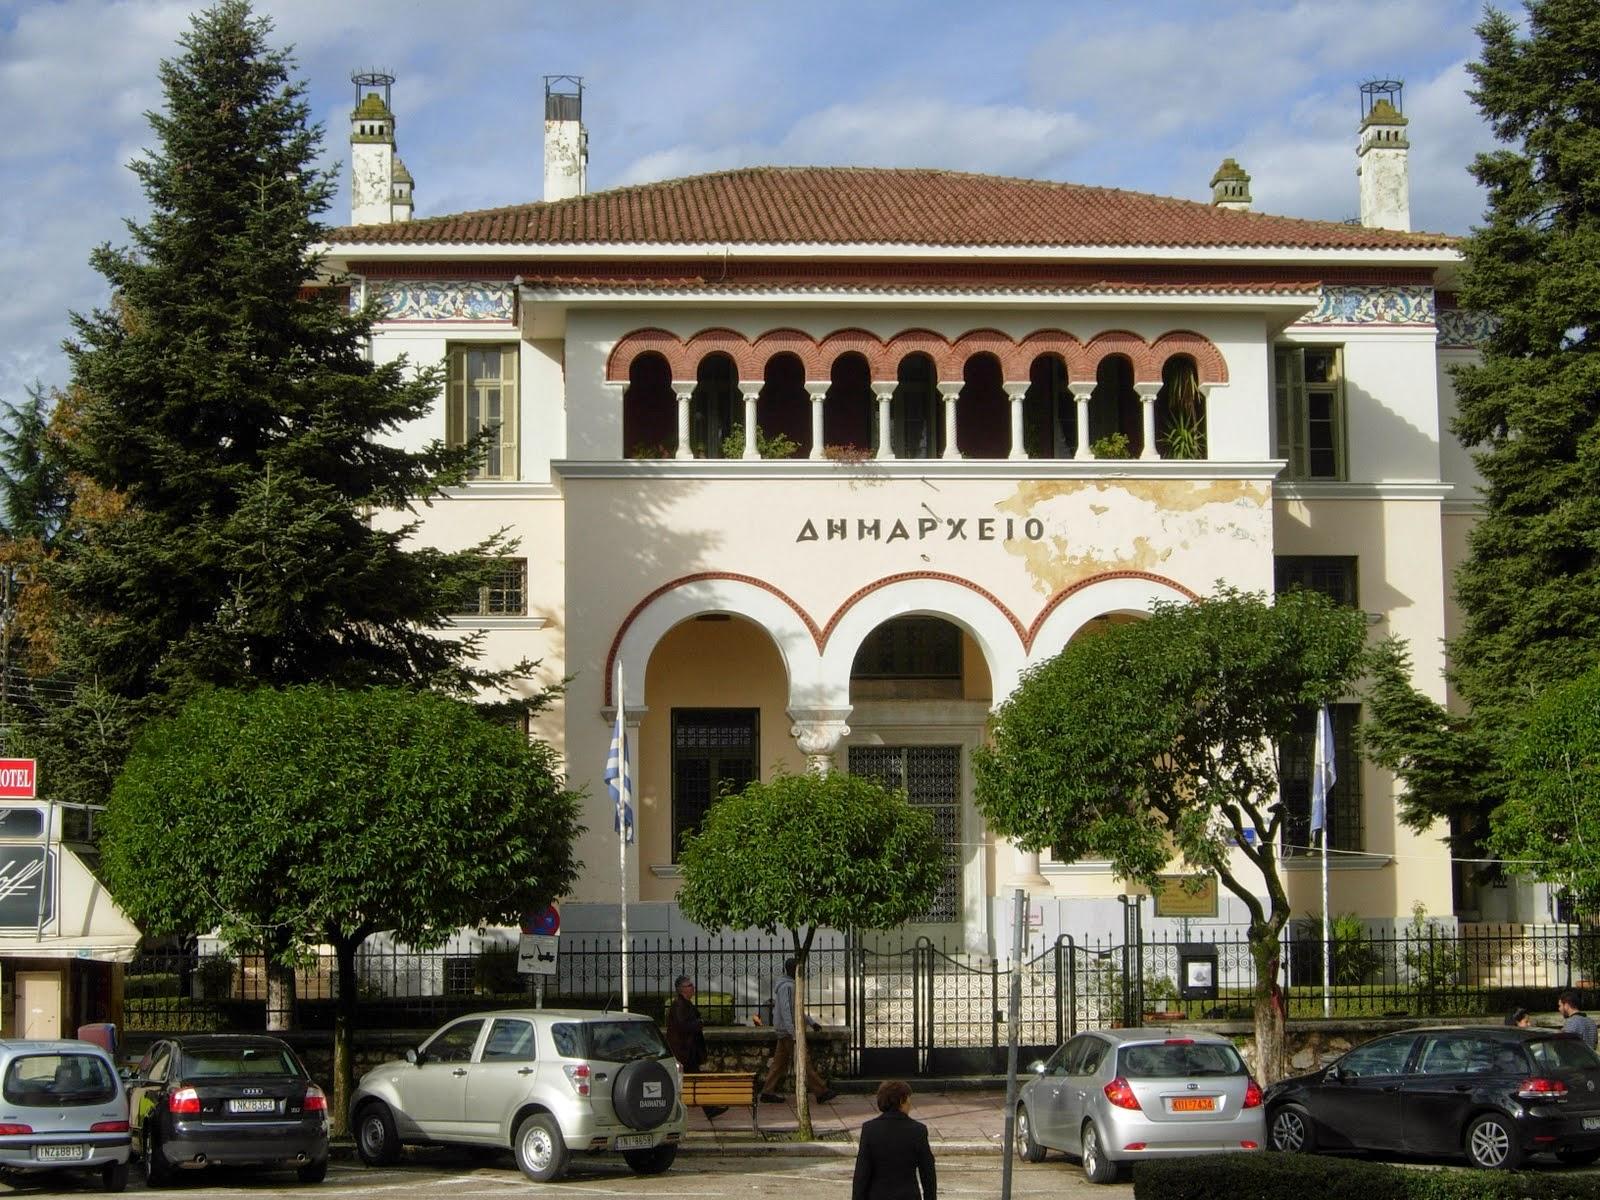 Εξαιρούνται τα ανταποδοτικά τέλη των δήμων από τη μεταφορά στην Τράπεζα Ελλάδος